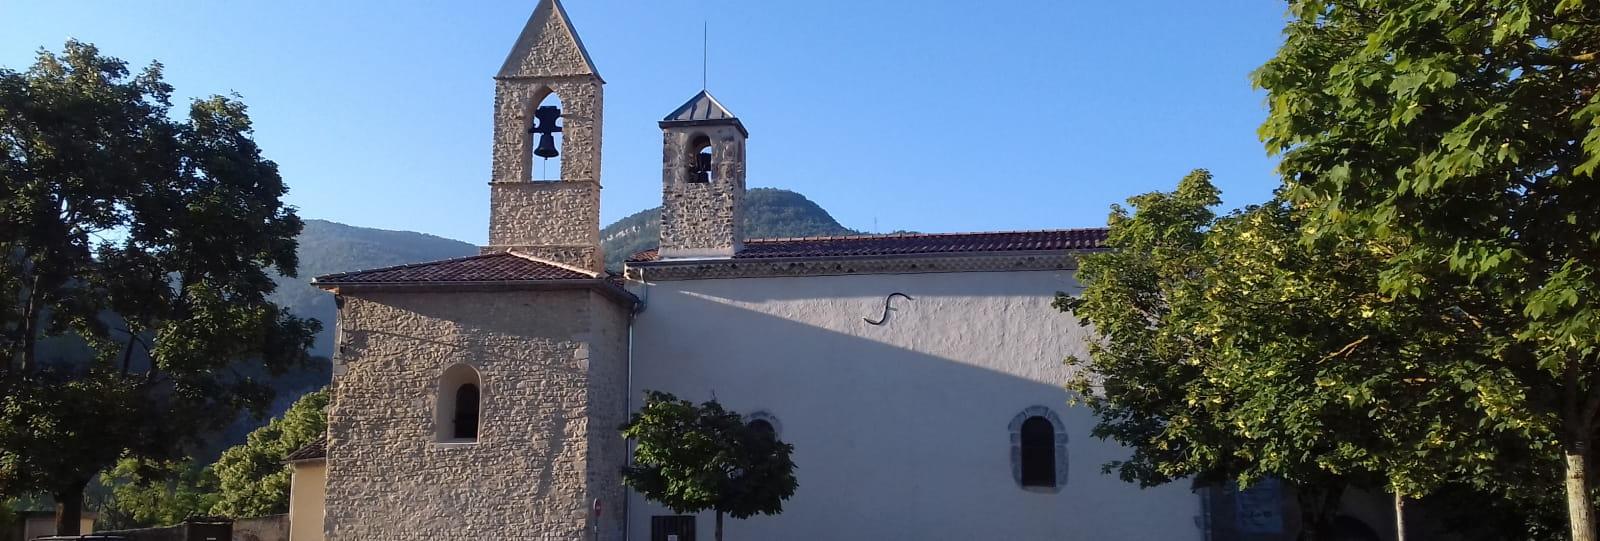 Eglise-temple de Sainte-Croix